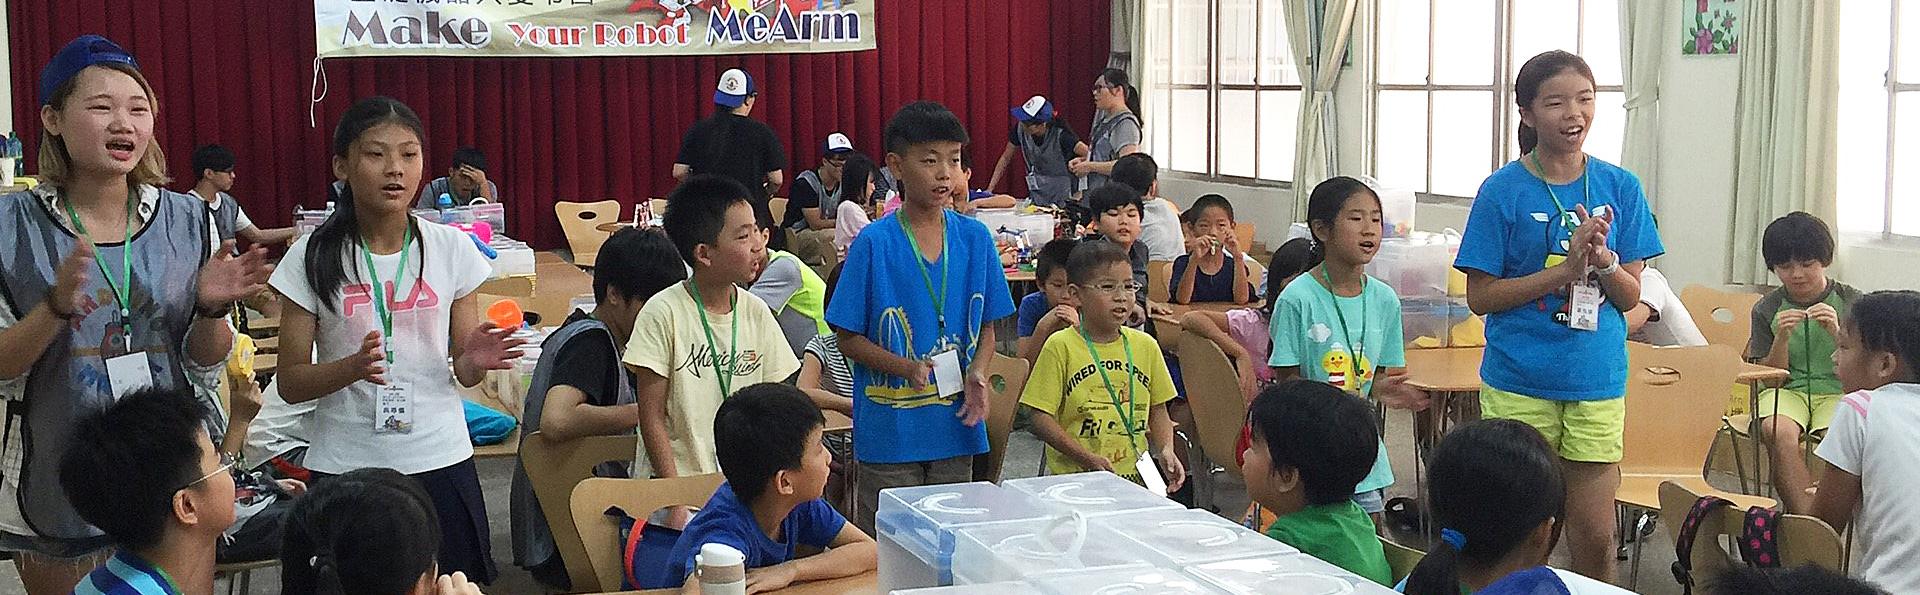 運用康輔團隊的方式讓孩子在遊戲中不忘學習